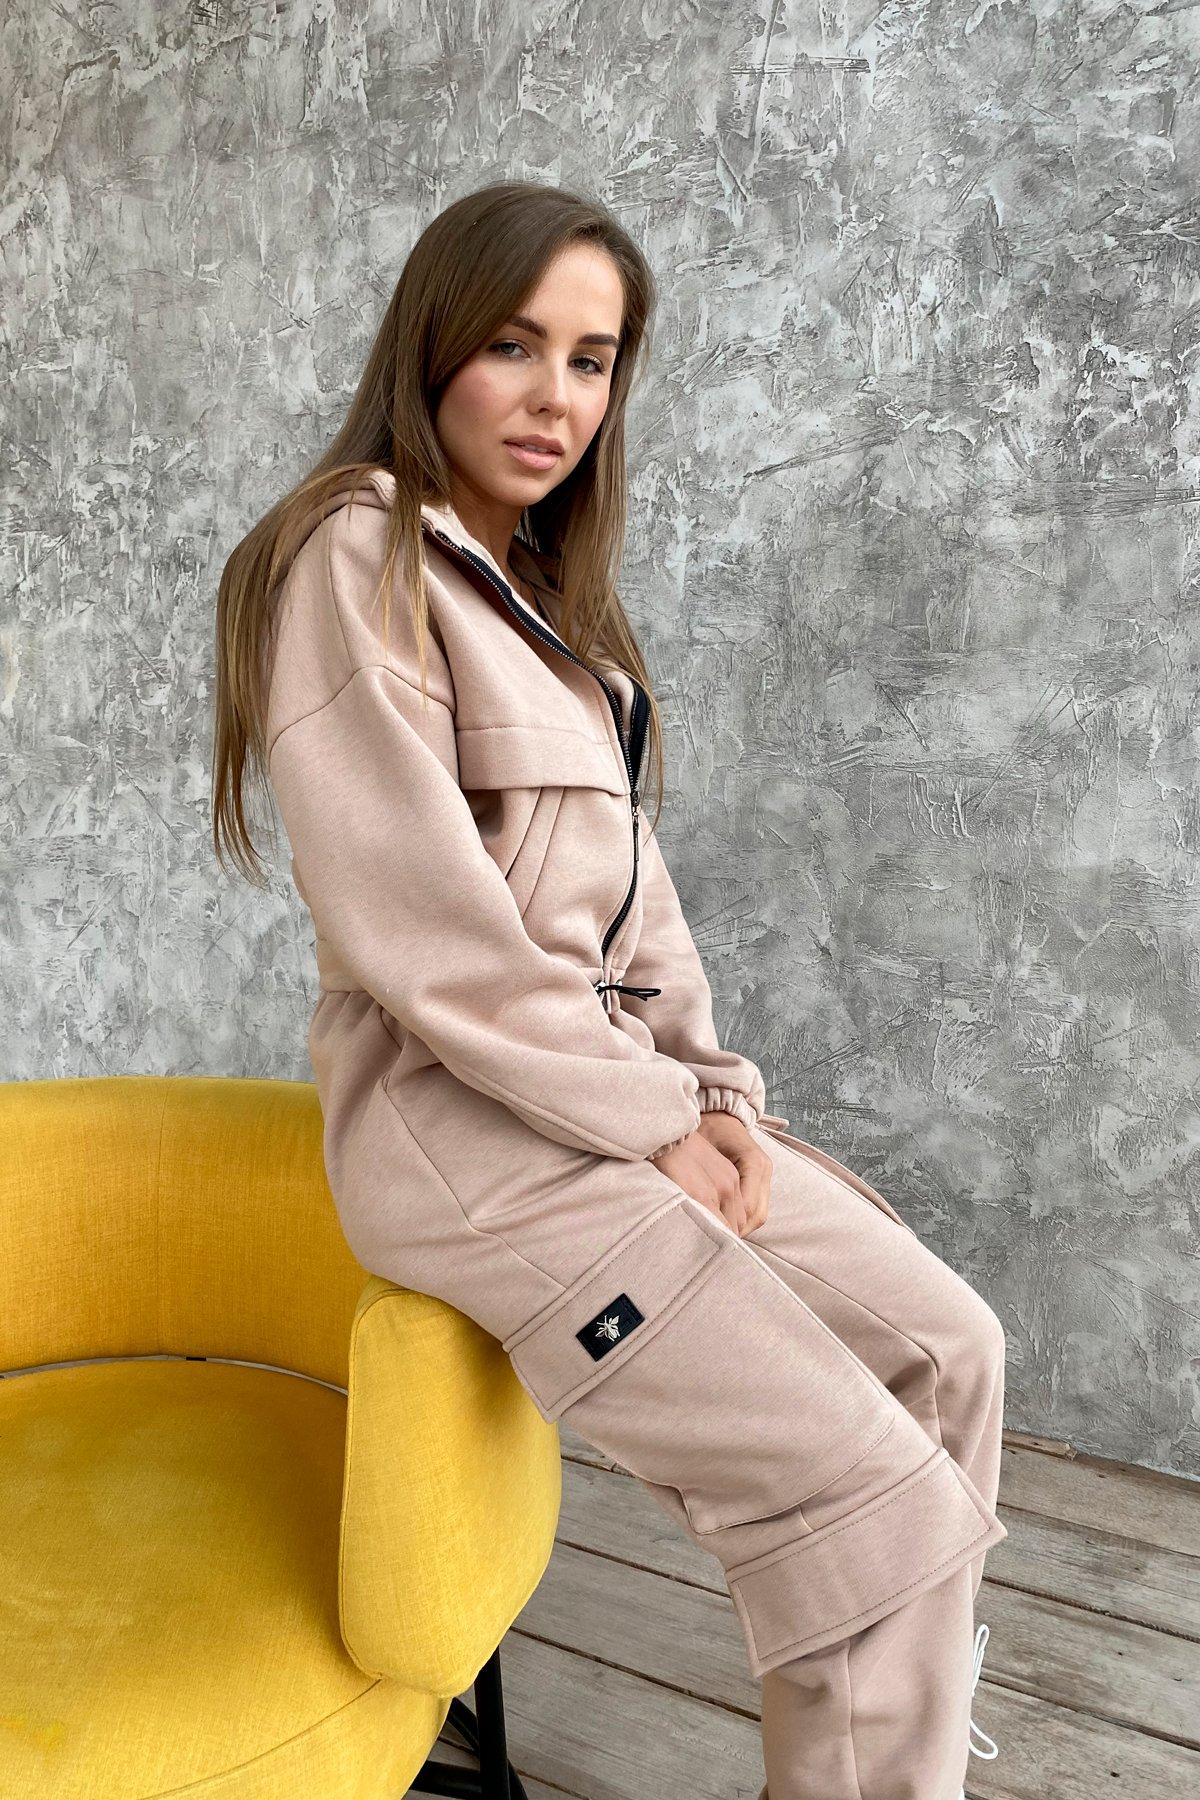 Кьюи  прогулочный костю 3х нитка с начесом 9933 АРТ. 46257 Цвет: Бежевый - фото 2, интернет магазин tm-modus.ru